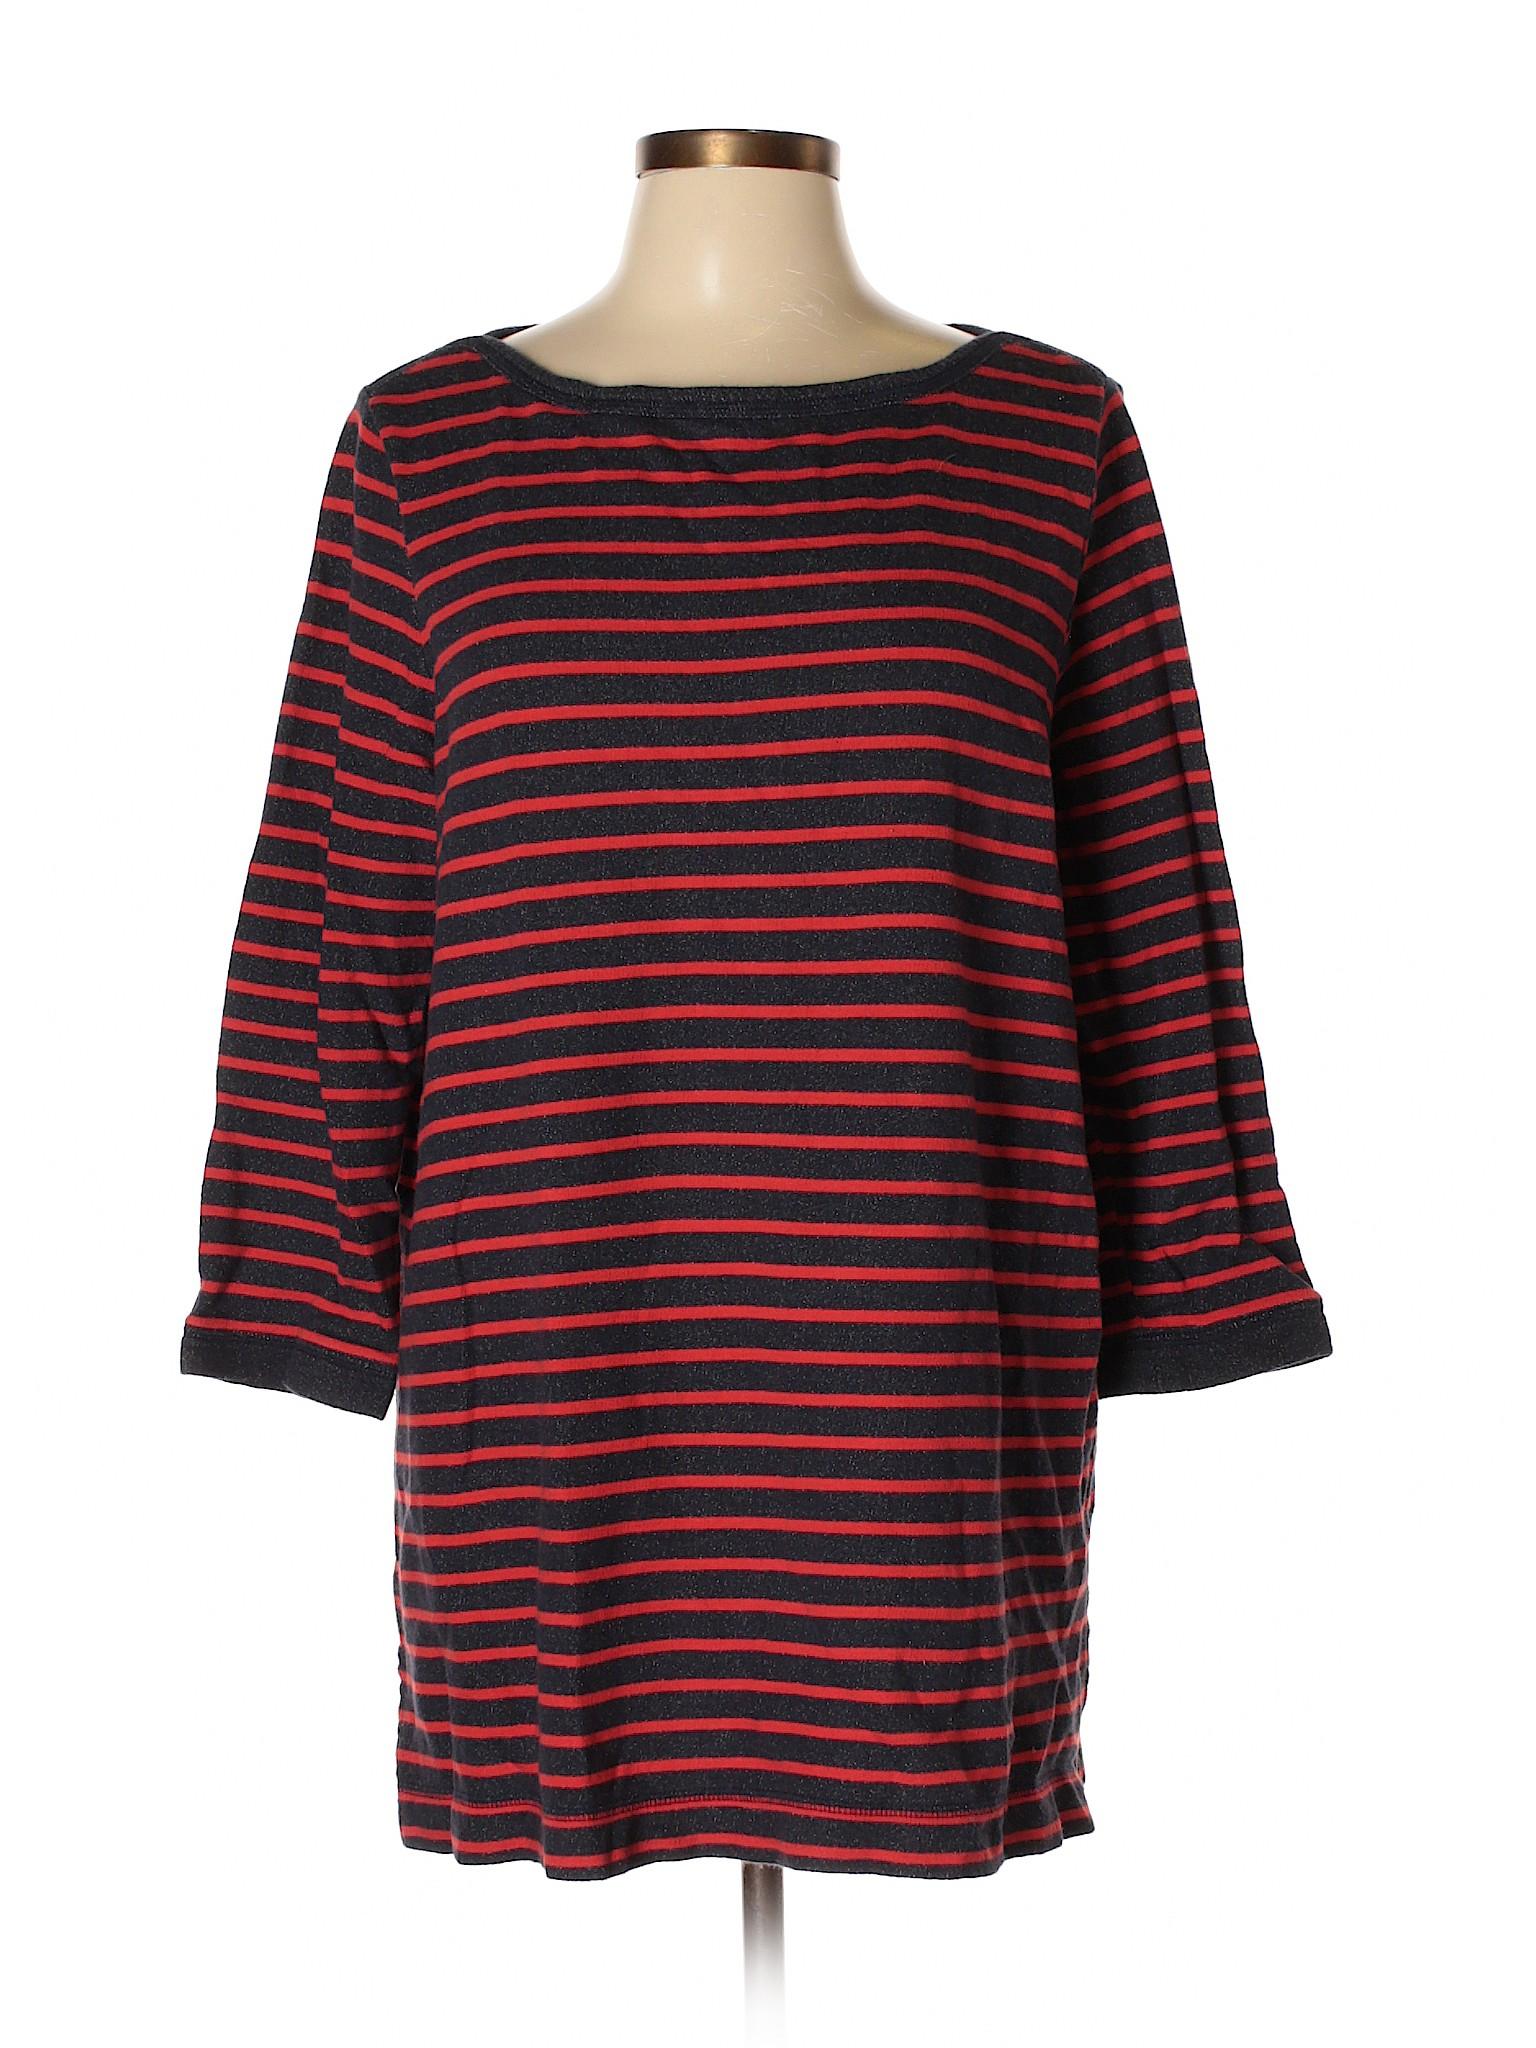 Sweater Pullover Boutique End Lands' Boutique Lands' xqz0UU